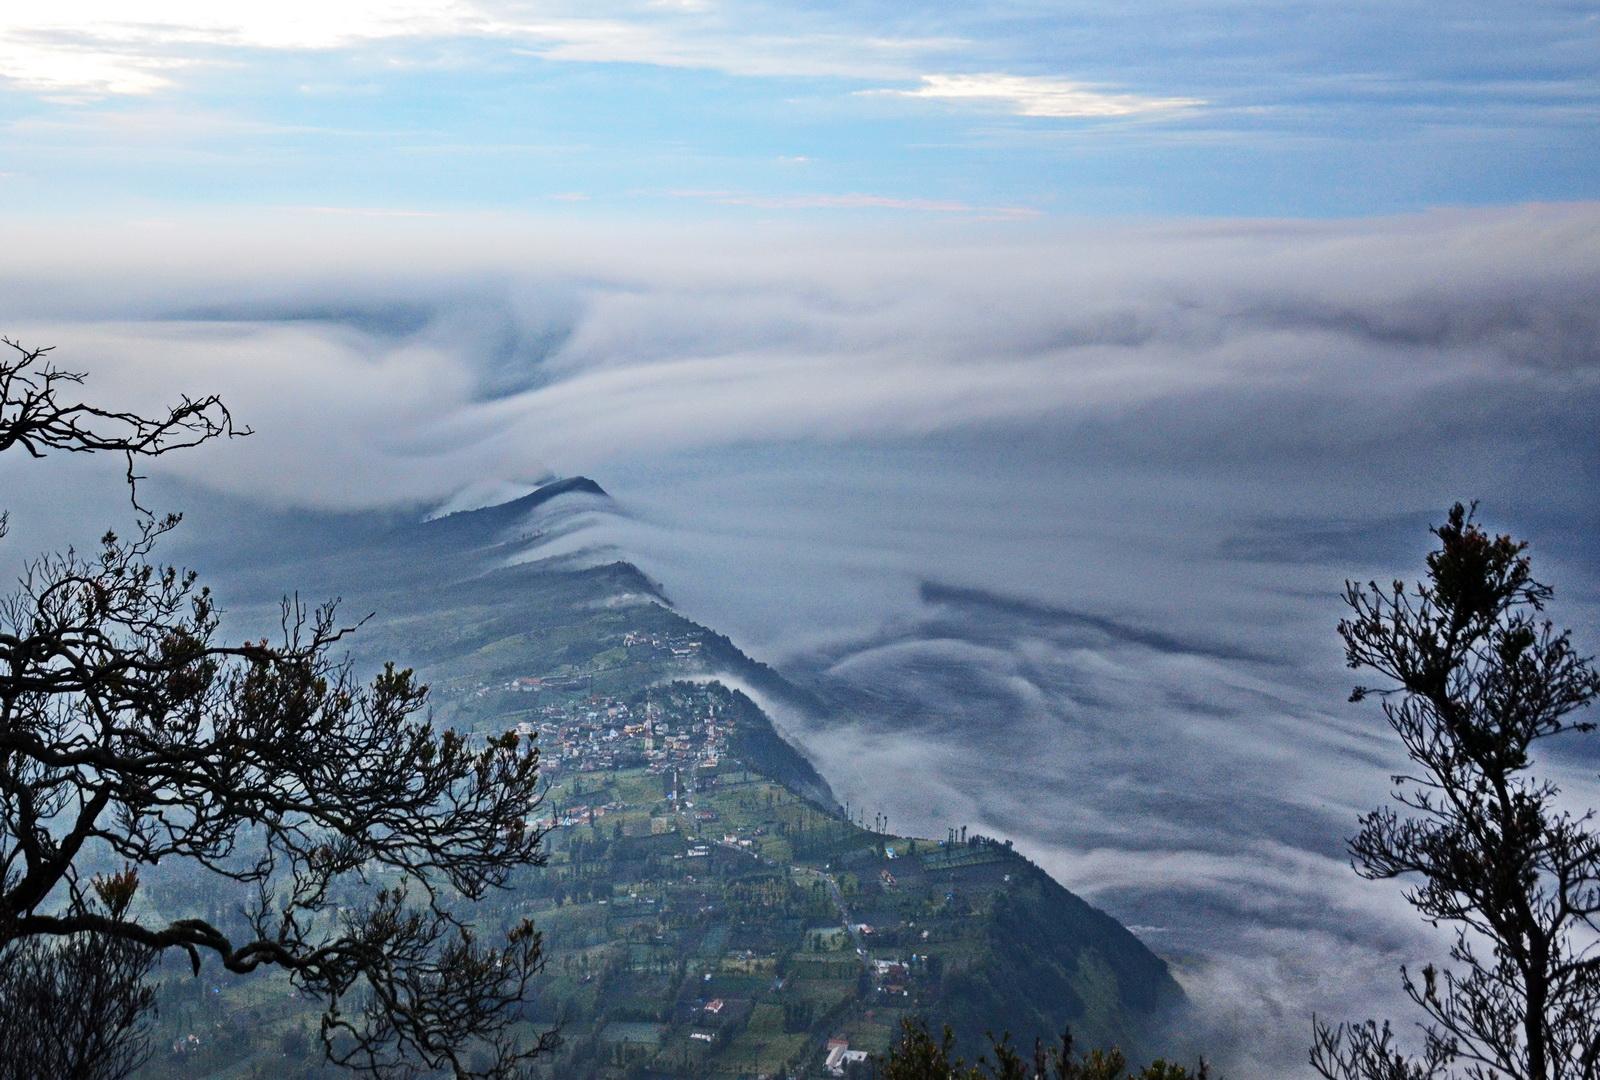 Bromo. Mist in the caldera